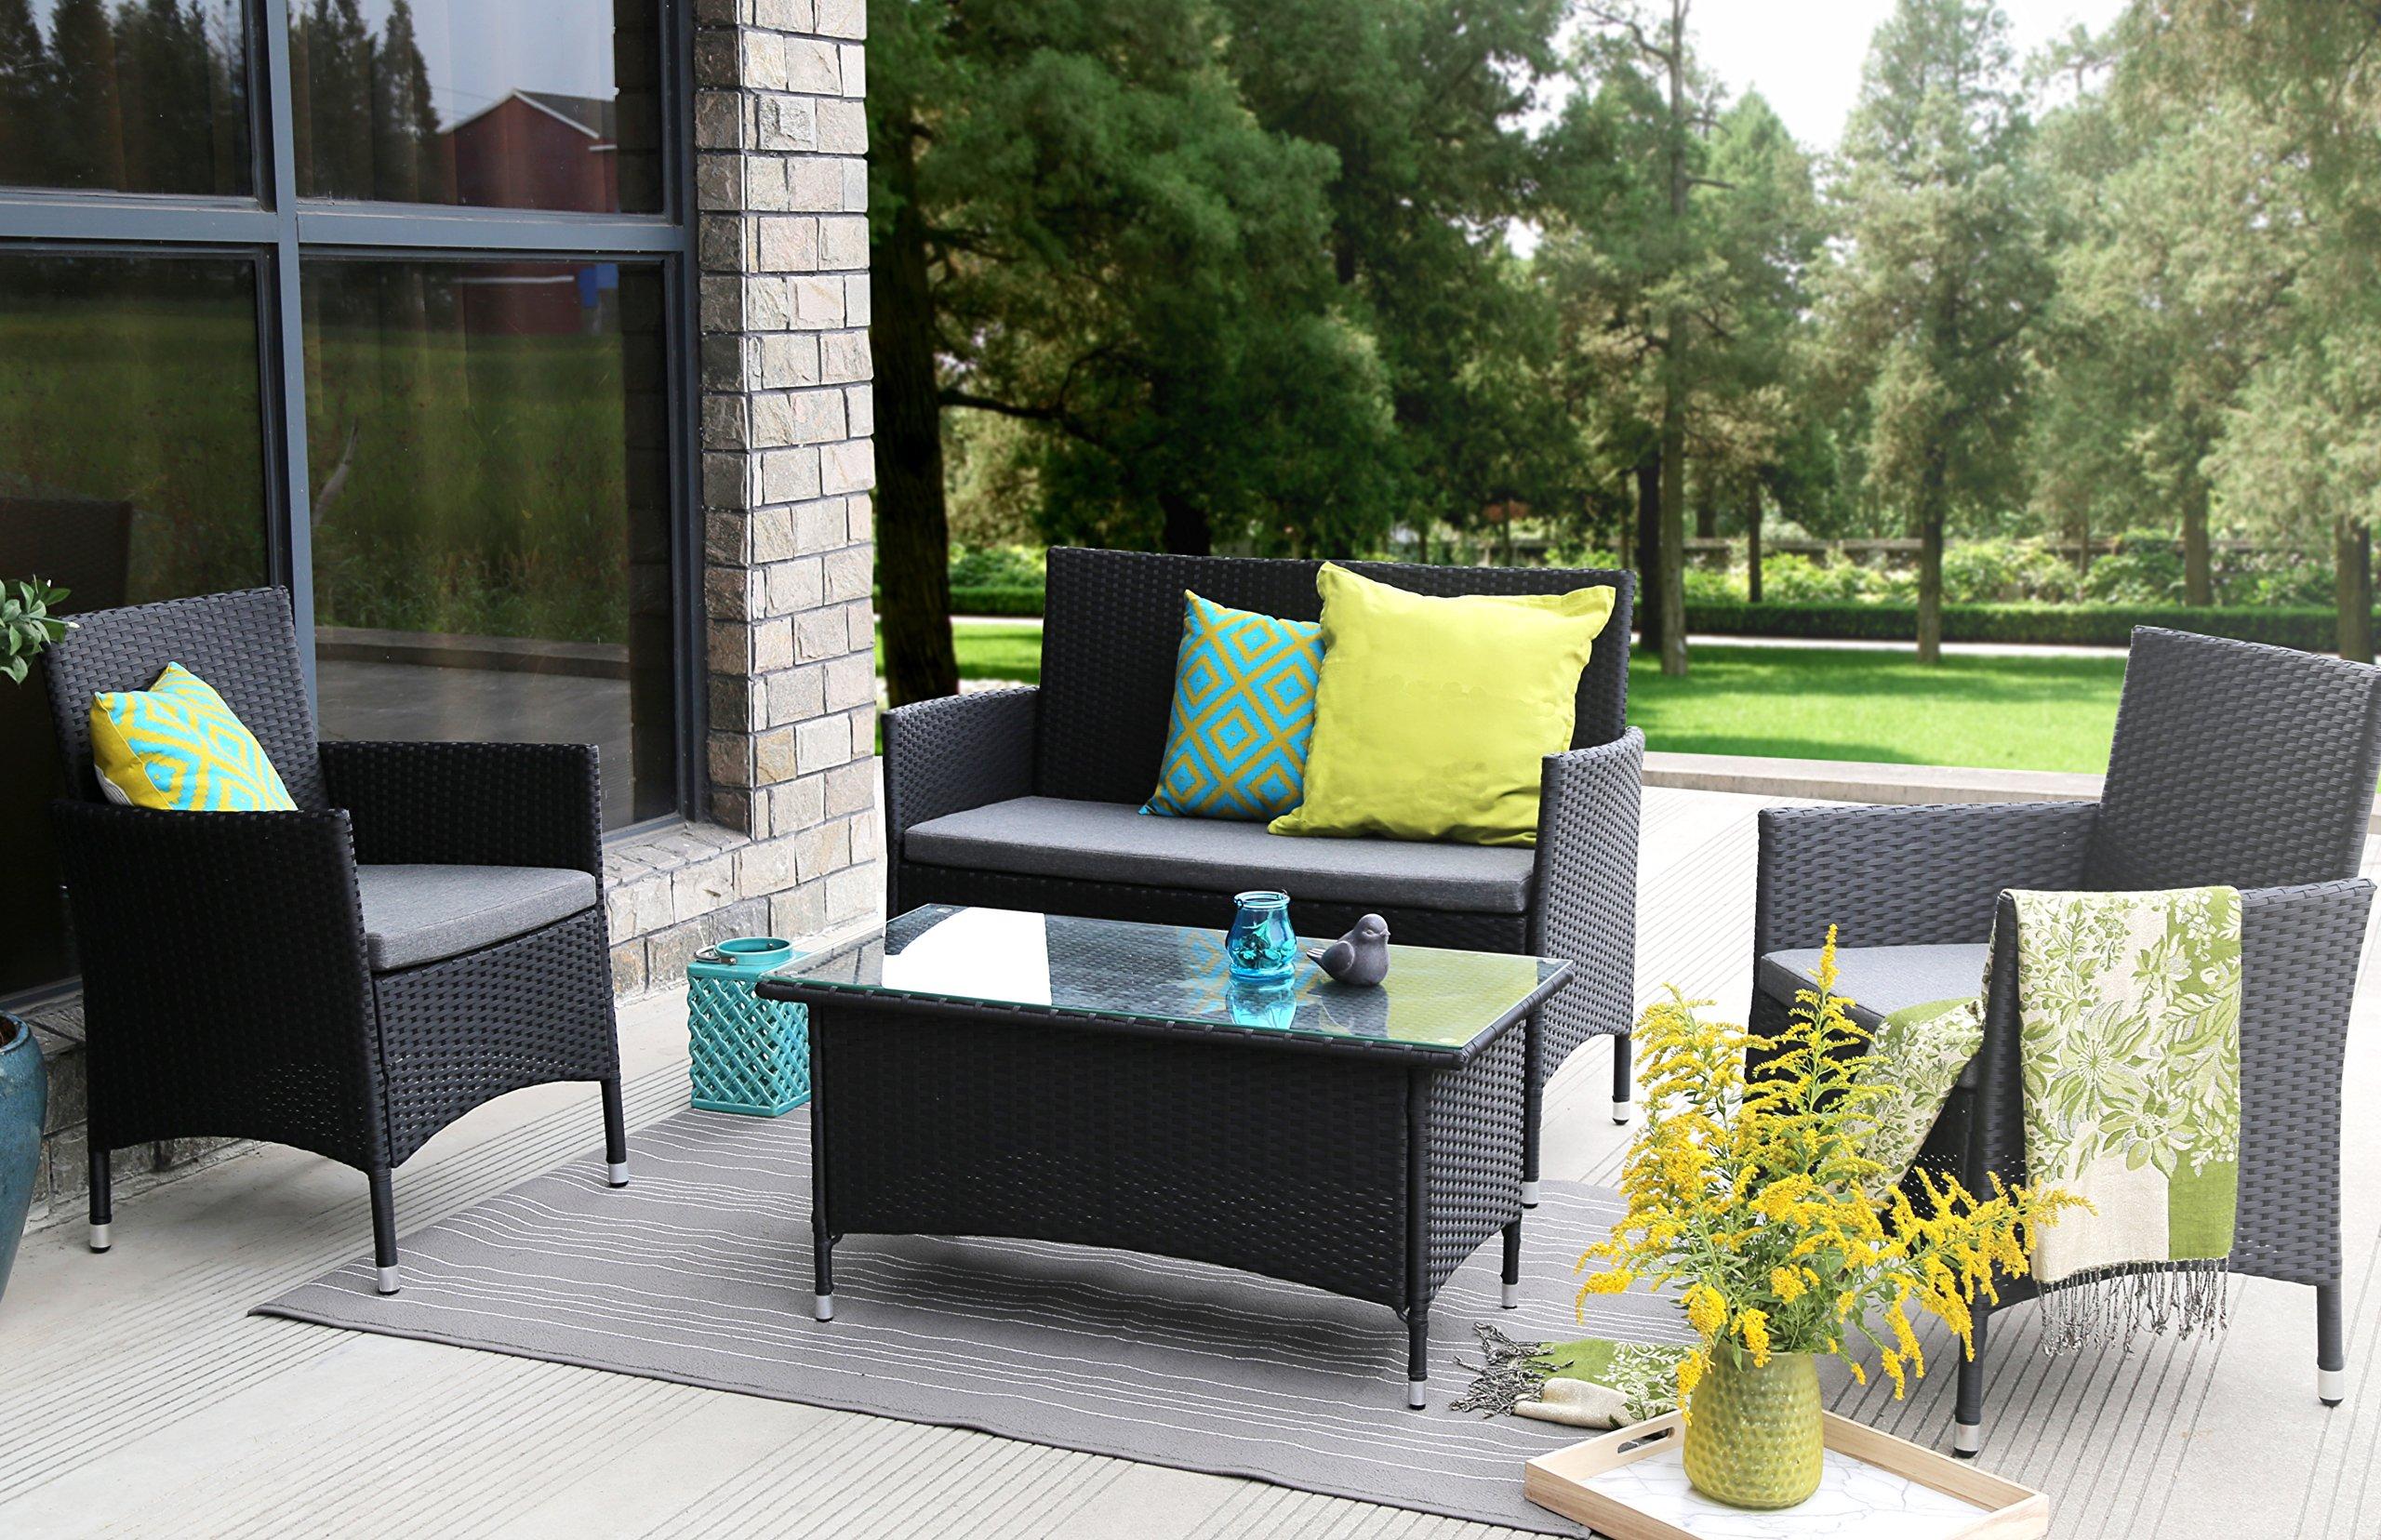 Baner Garden (N68) 4 Pieces Outdoor Furniture Complete Patio Wicker Rattan Garden Set, Full, Black